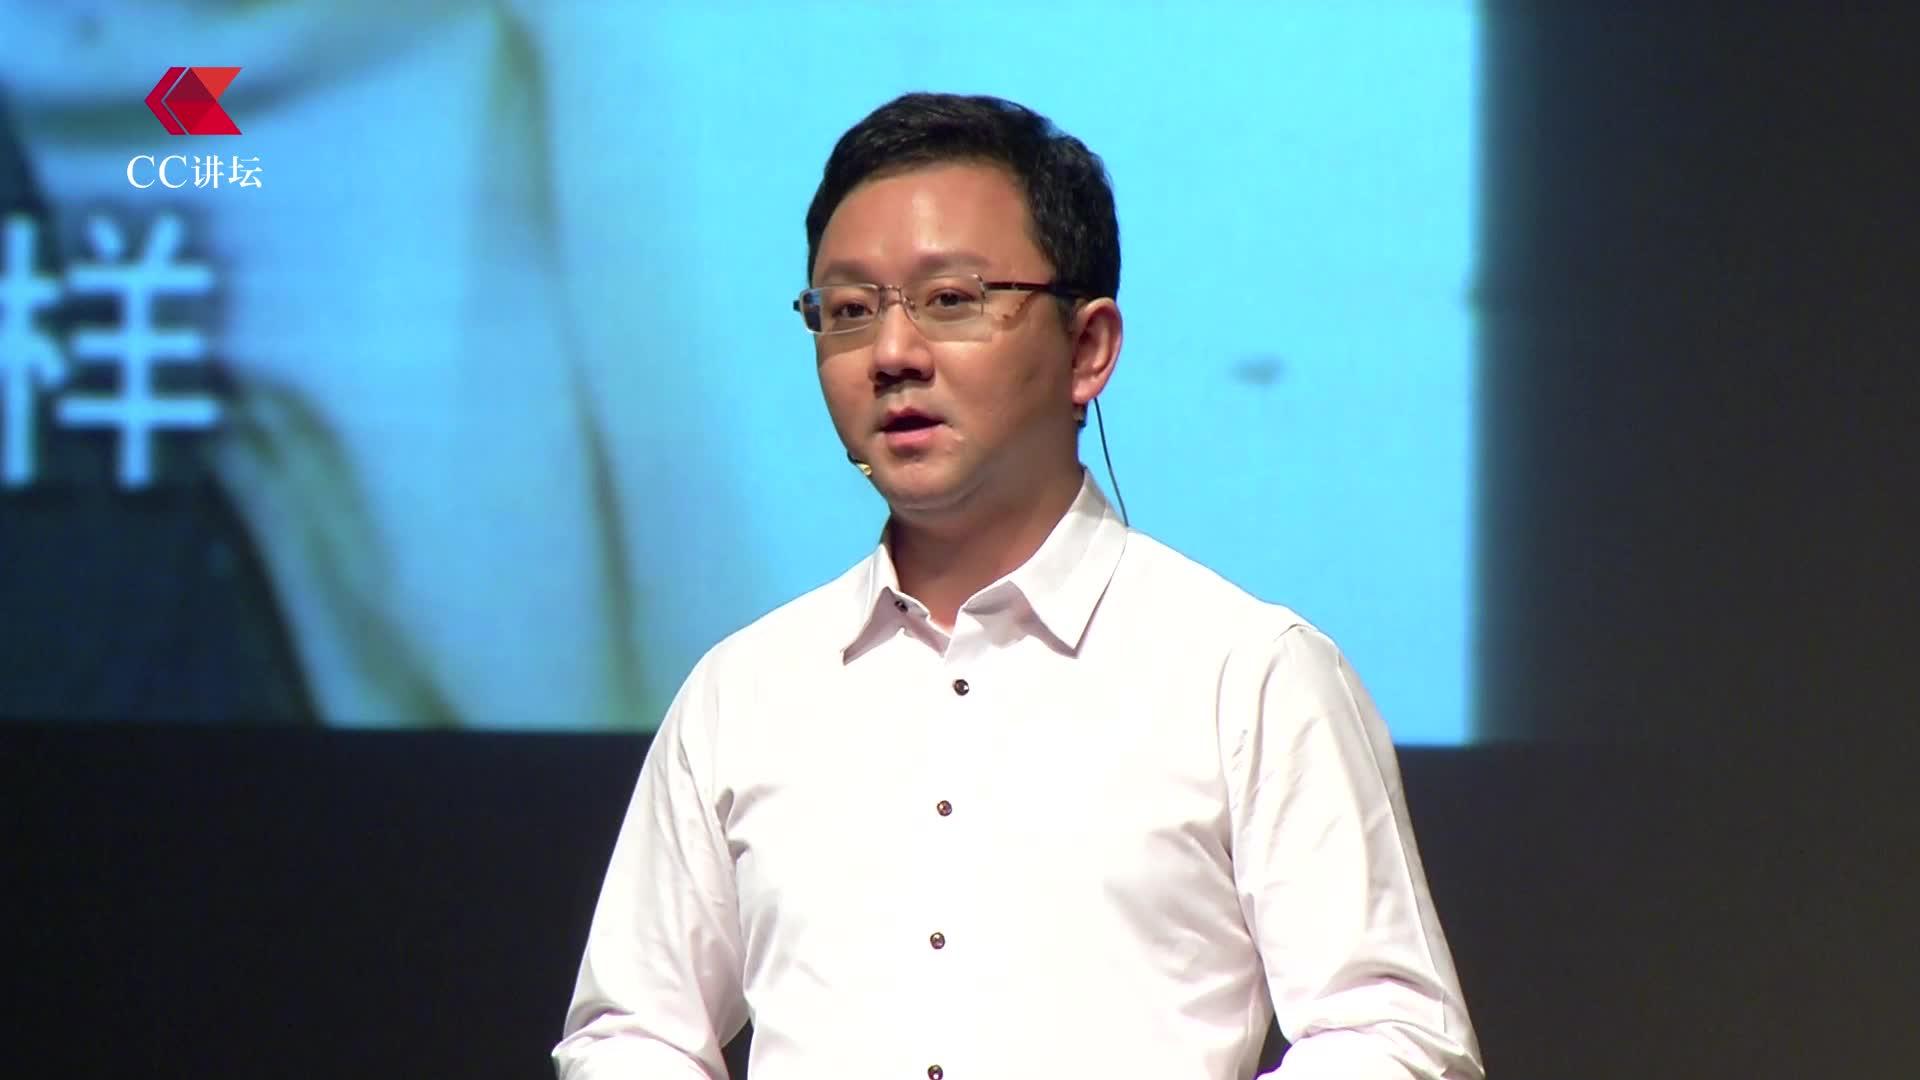 """CC讲坛(公益)—薛乐:还有一群孩子,叫""""事实孤儿"""""""